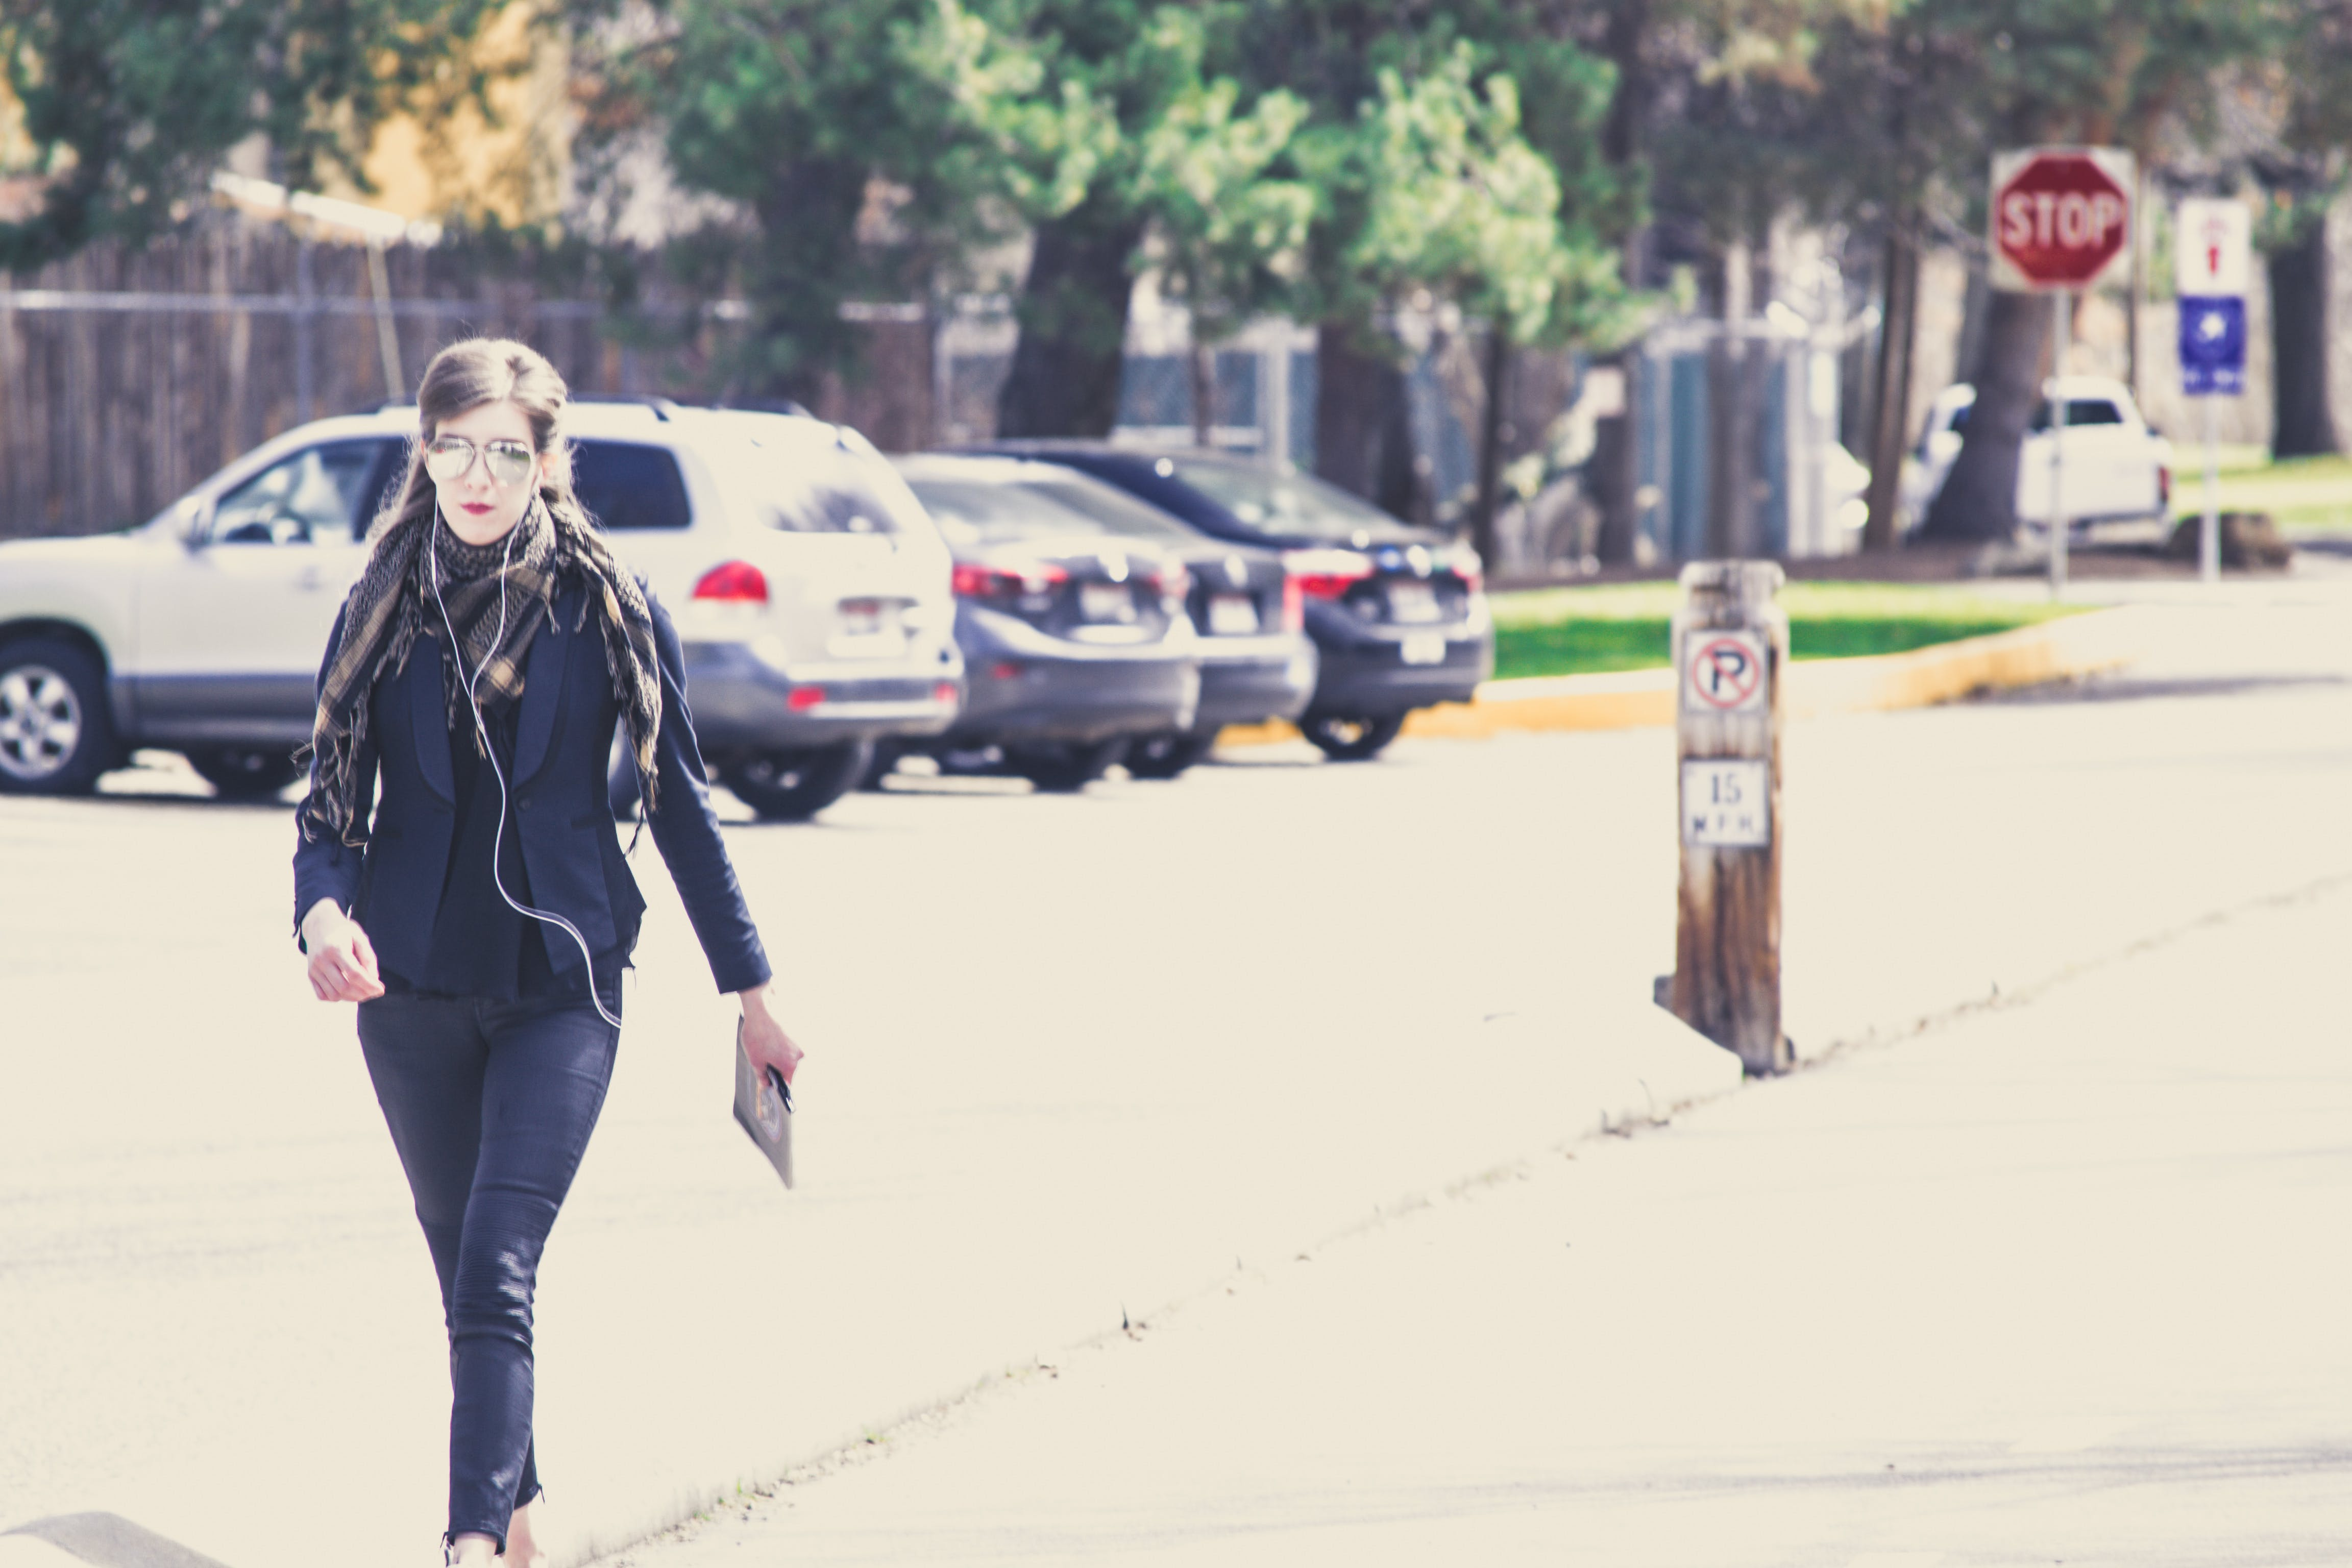 Fotos de stock gratuitas de acción, adulto, caminando, carretera